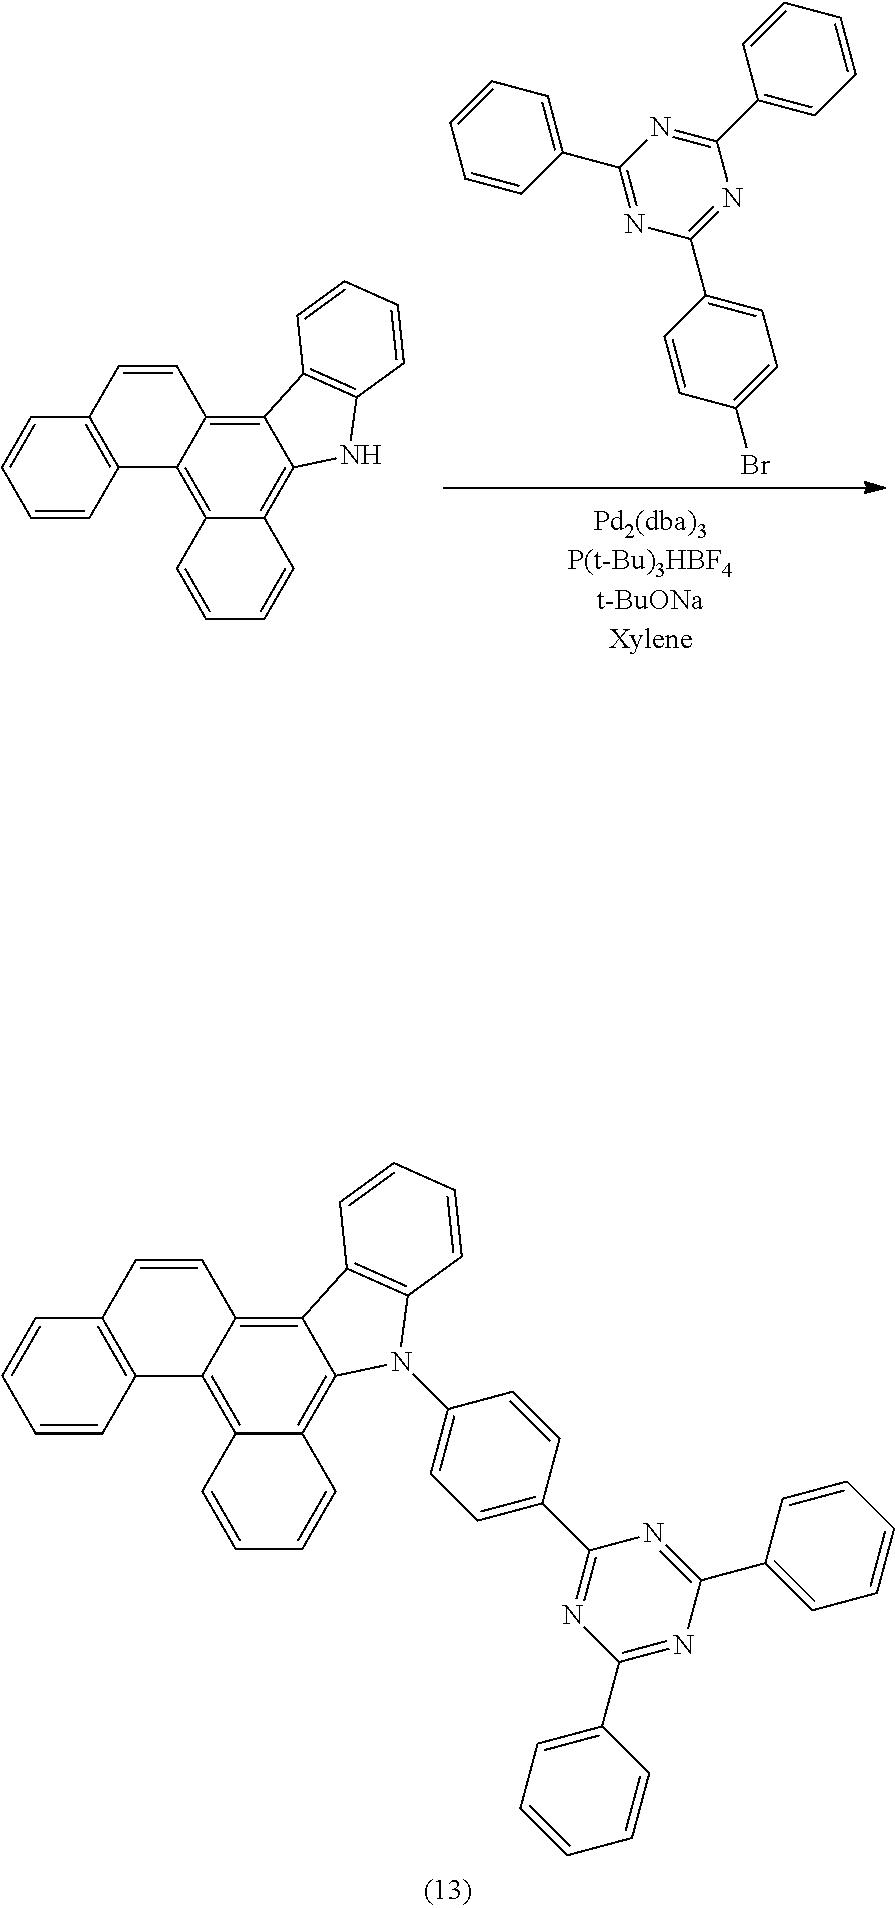 Figure US09837615-20171205-C00151